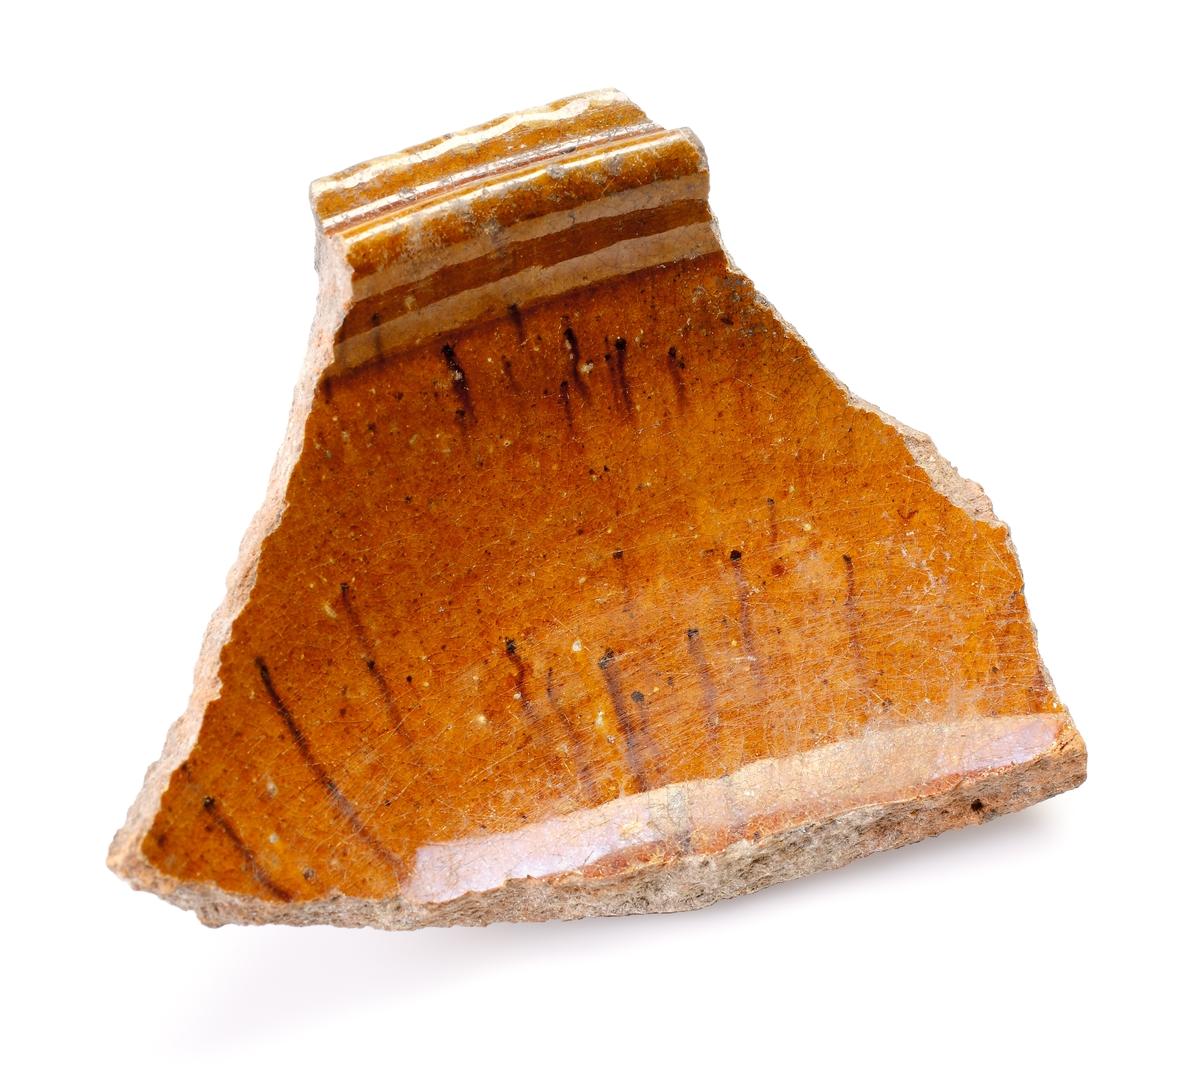 Buk- samt del av mynningsfragment med vertikal hank. Invändig brun glasyr med mörkbruna inslag. av yngre rödgods. Utvändig brun glasyr med dekor och prickmönster av piplera på bukdel och mynningskant. Prickmönster av piplera även på hank och vulster. Möjligen en kruka eller ett liknande hushållskärl. Passar ihop med M 17000-2282 och torligen även med 2304 och 2333. Tillverkad i västra Tyskland år 1550 - 1650.